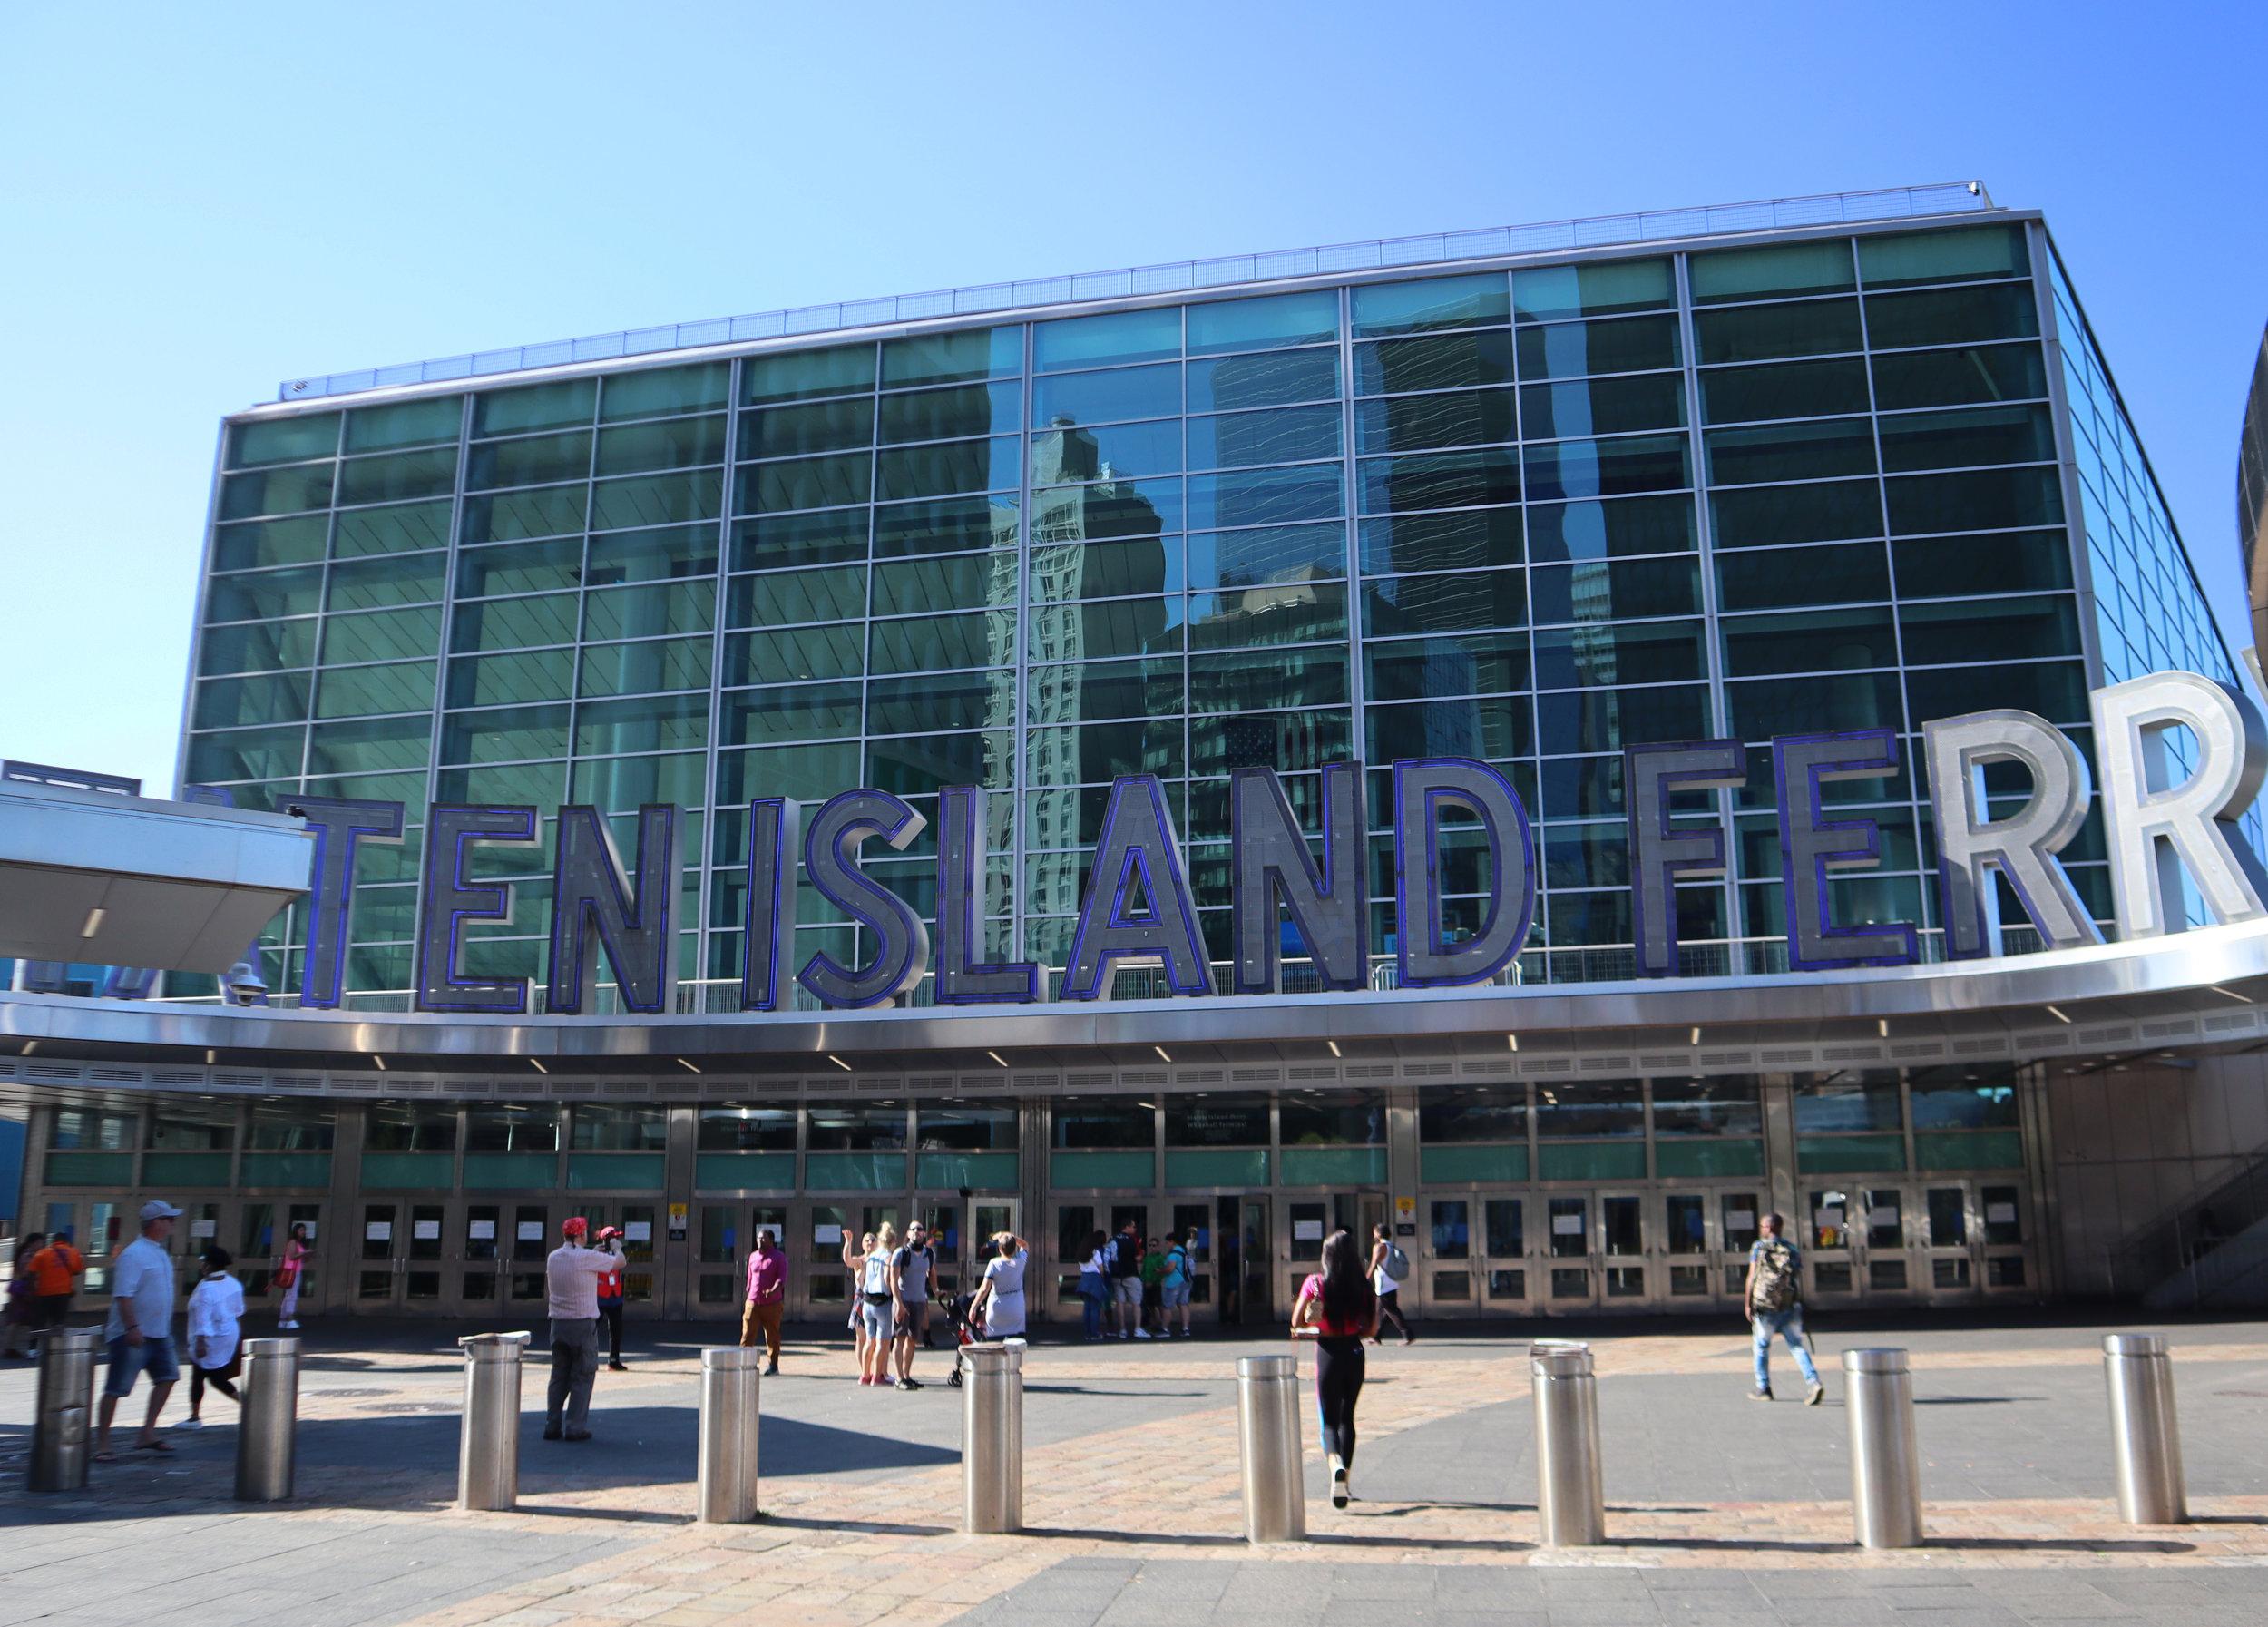 Терминал Уайтхолл (Whitehall Terminal), Манхэттен Нью-Йорк